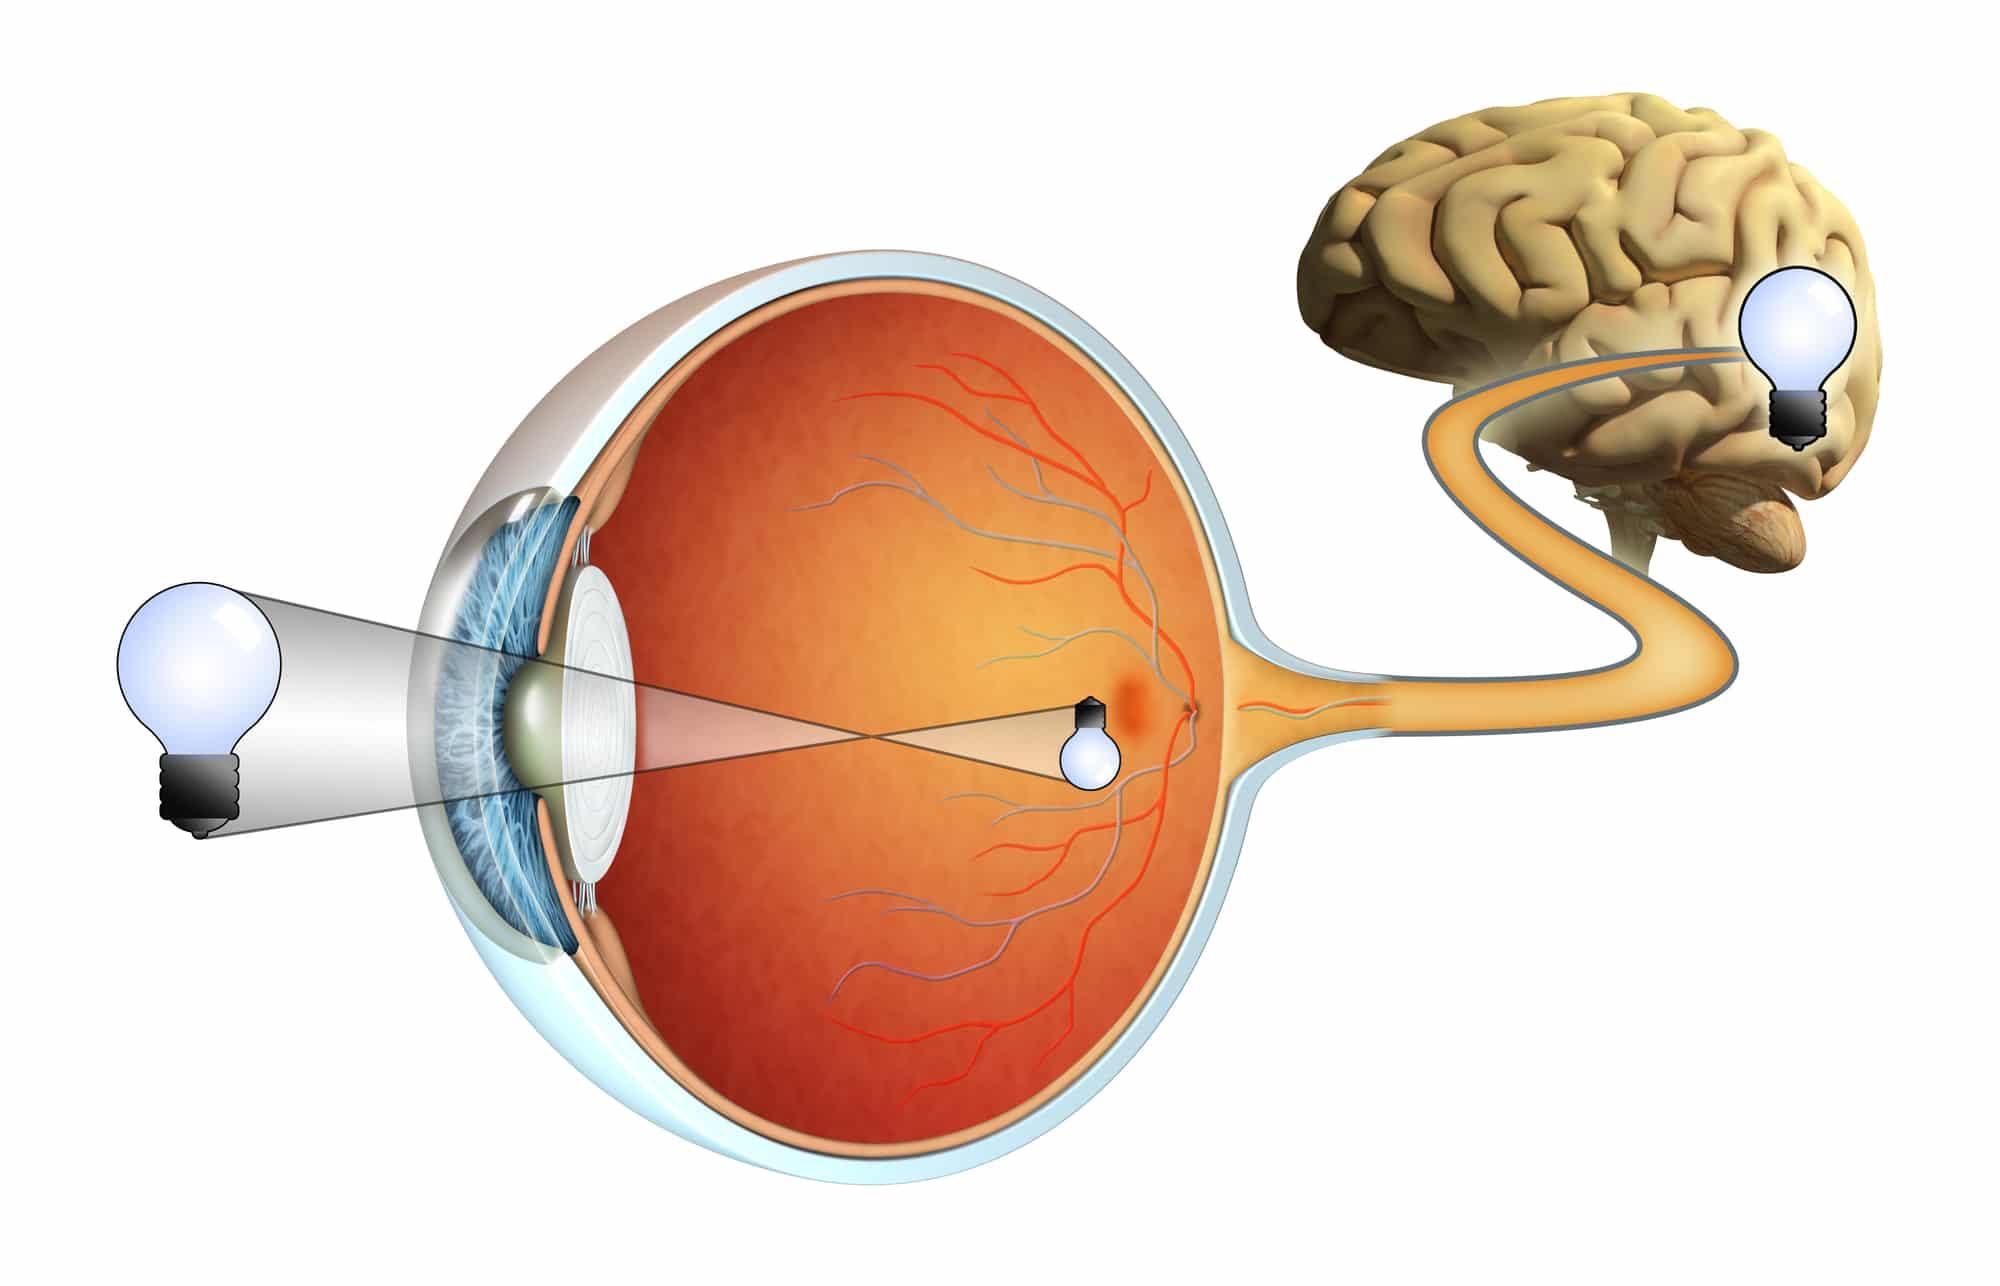 תפקידה של העין בתהליך הראייה – אופטיקה יפעת